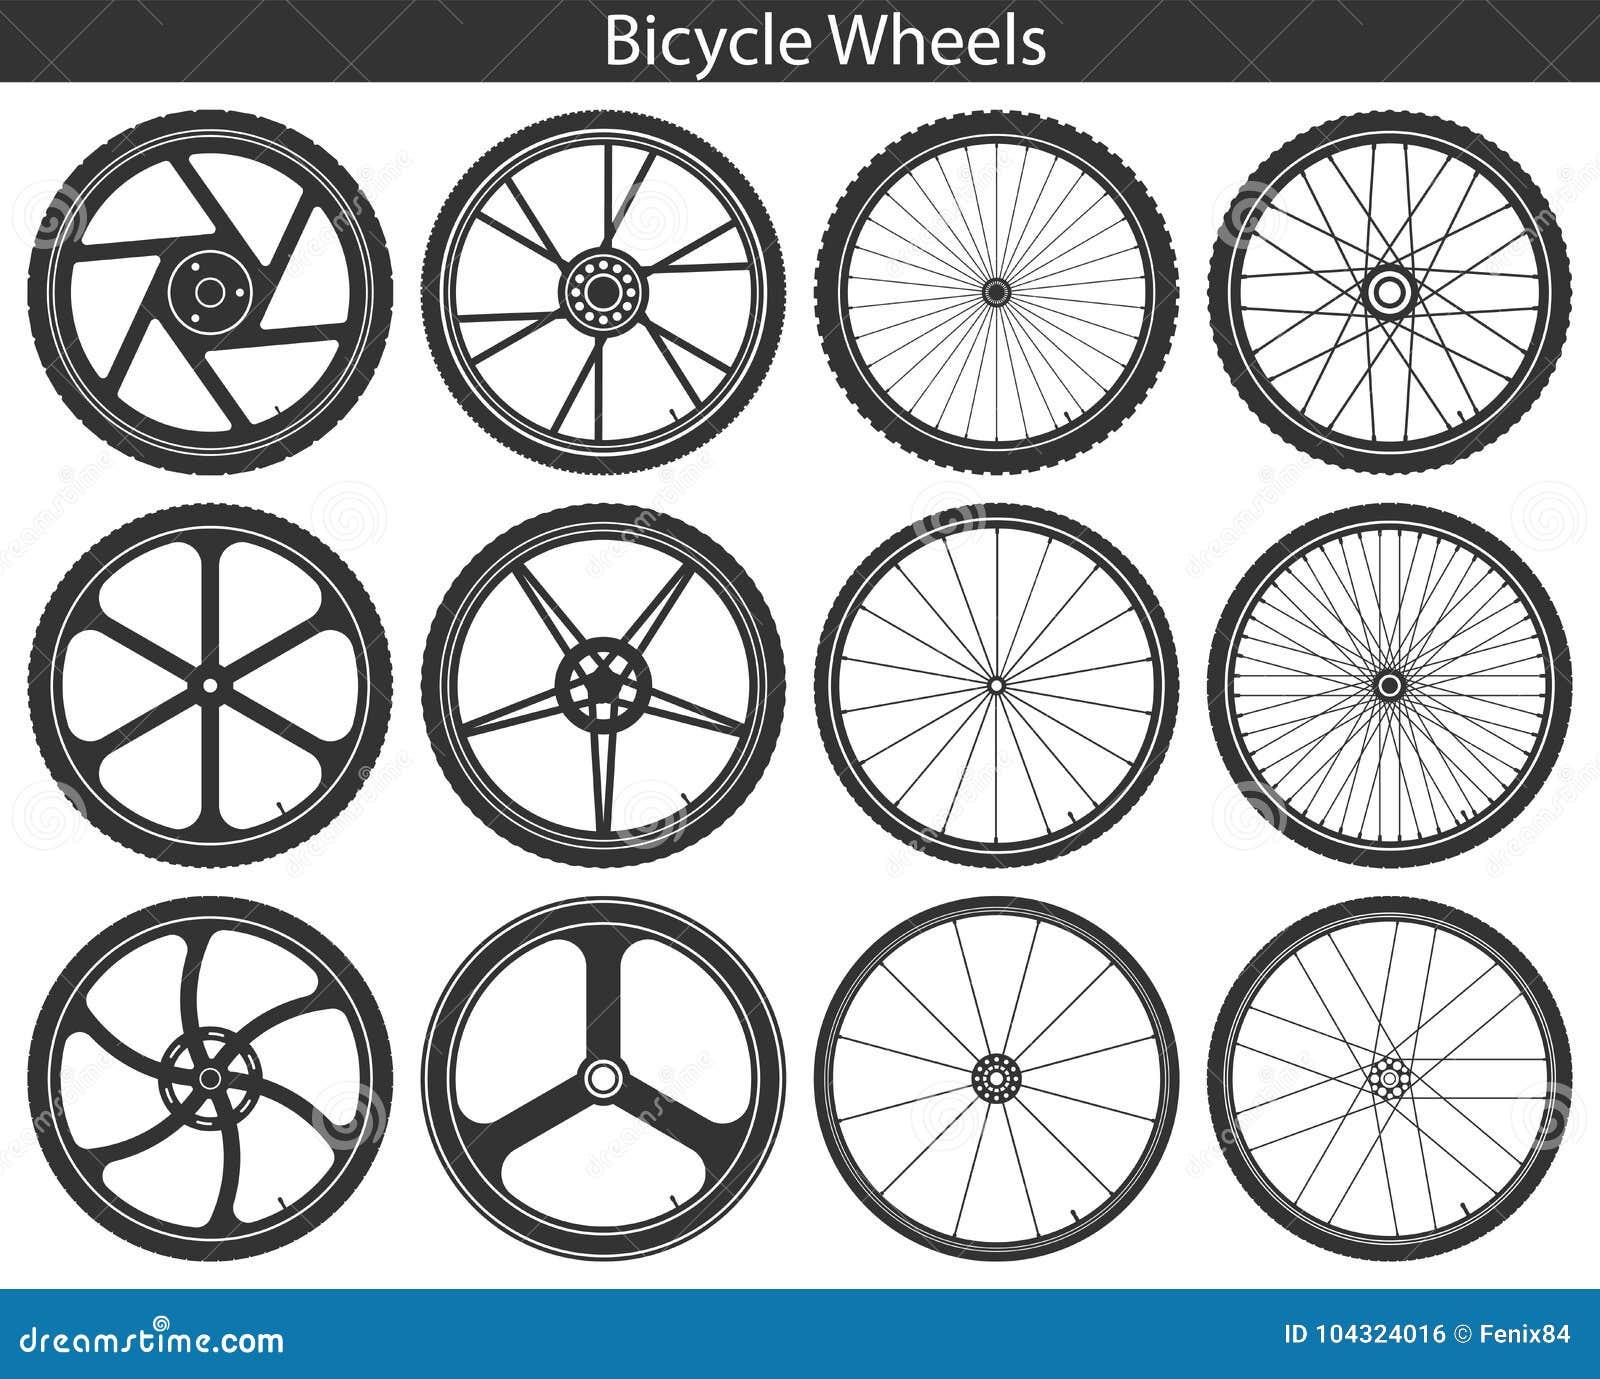 Roues de bicyclette avec différents pneus : montagne, sports, voyageant,